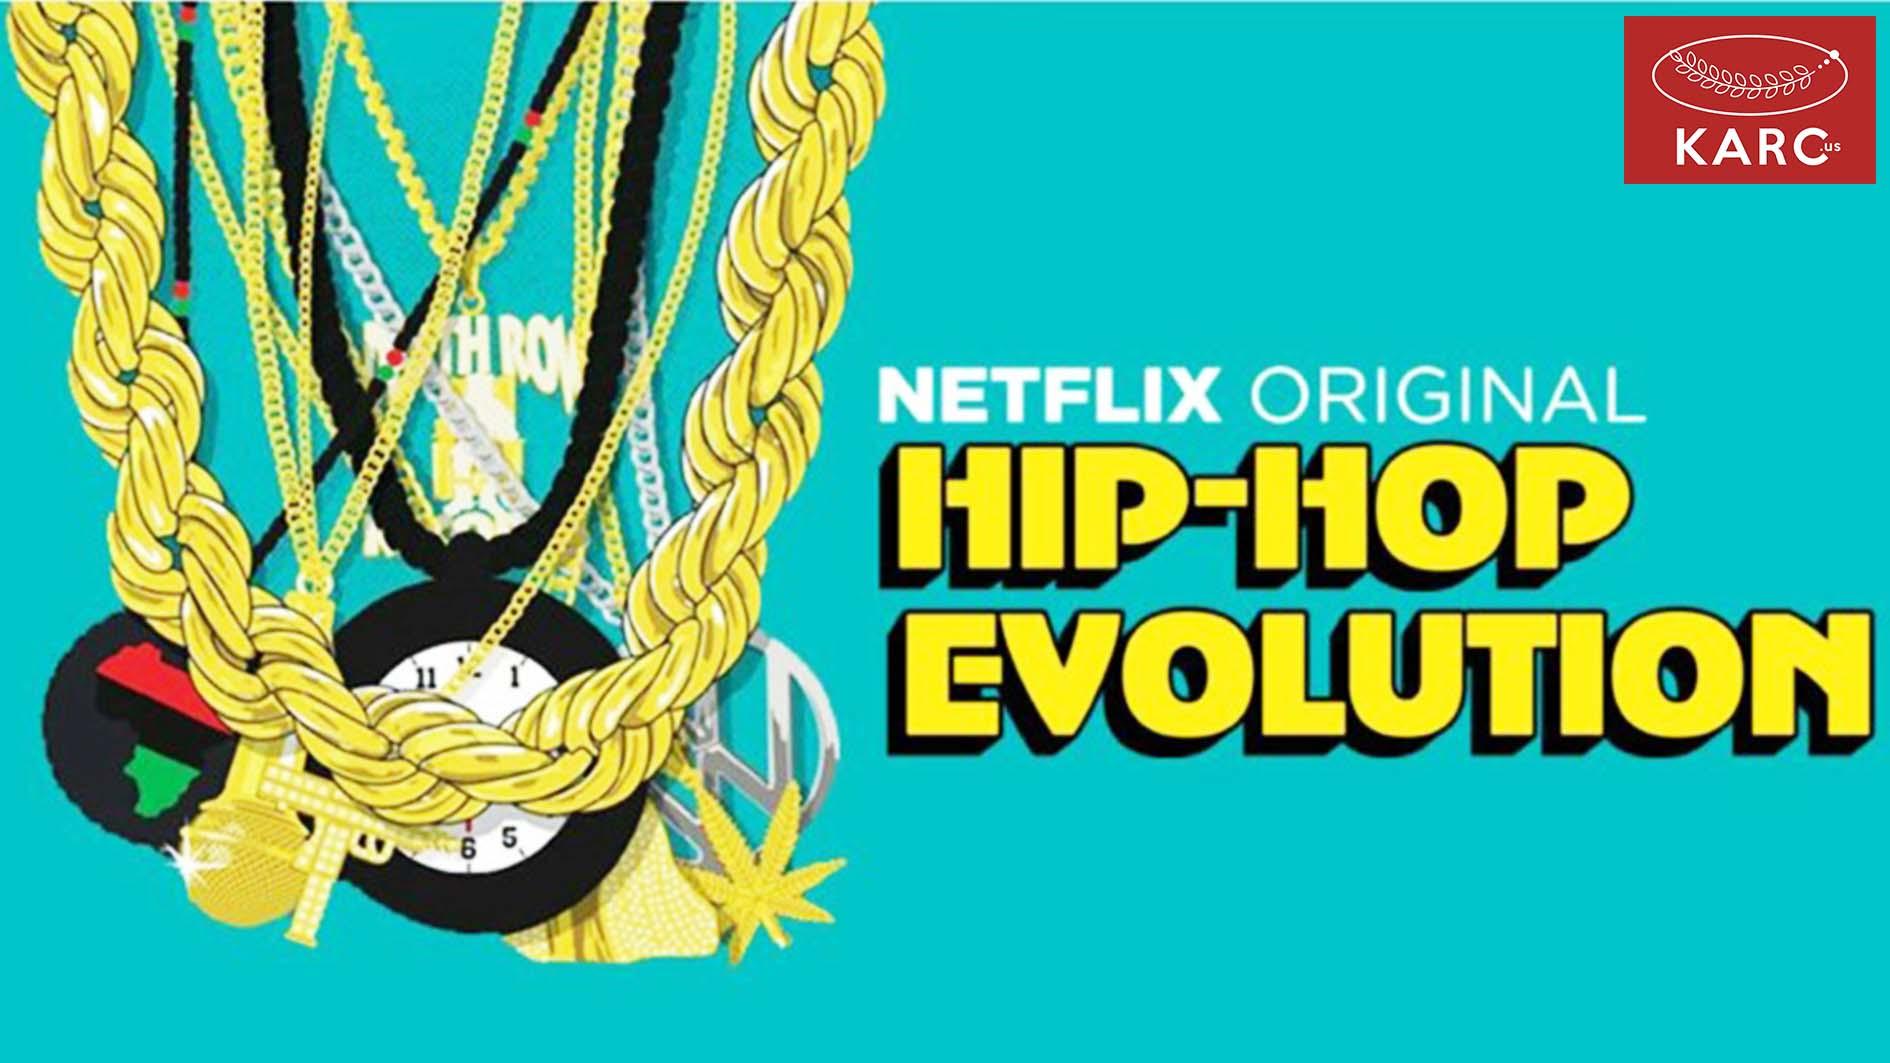 รีวิว Netflix - Hiphop Evolution เปิดโลกแร็ปเปอร์ - Karc.us